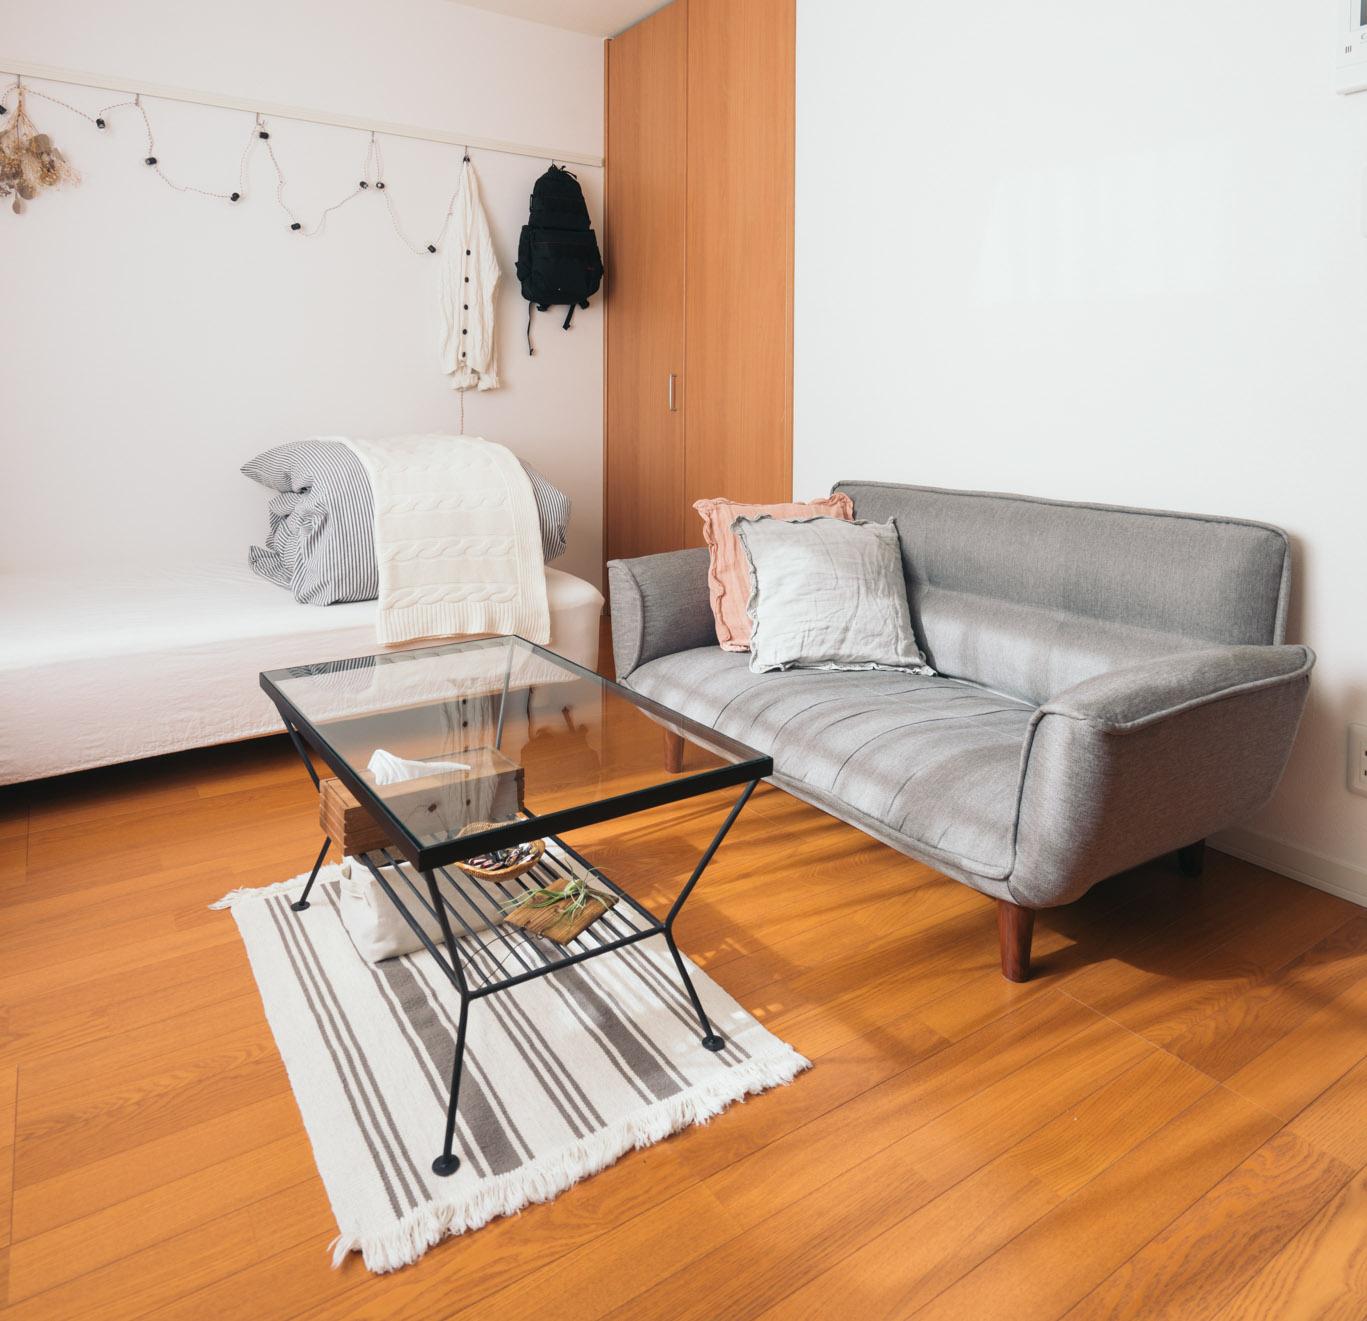 6.5畳でベッドとソファの両方をおいて、しかもこんなにスペースにゆとりがあるのはすごい!